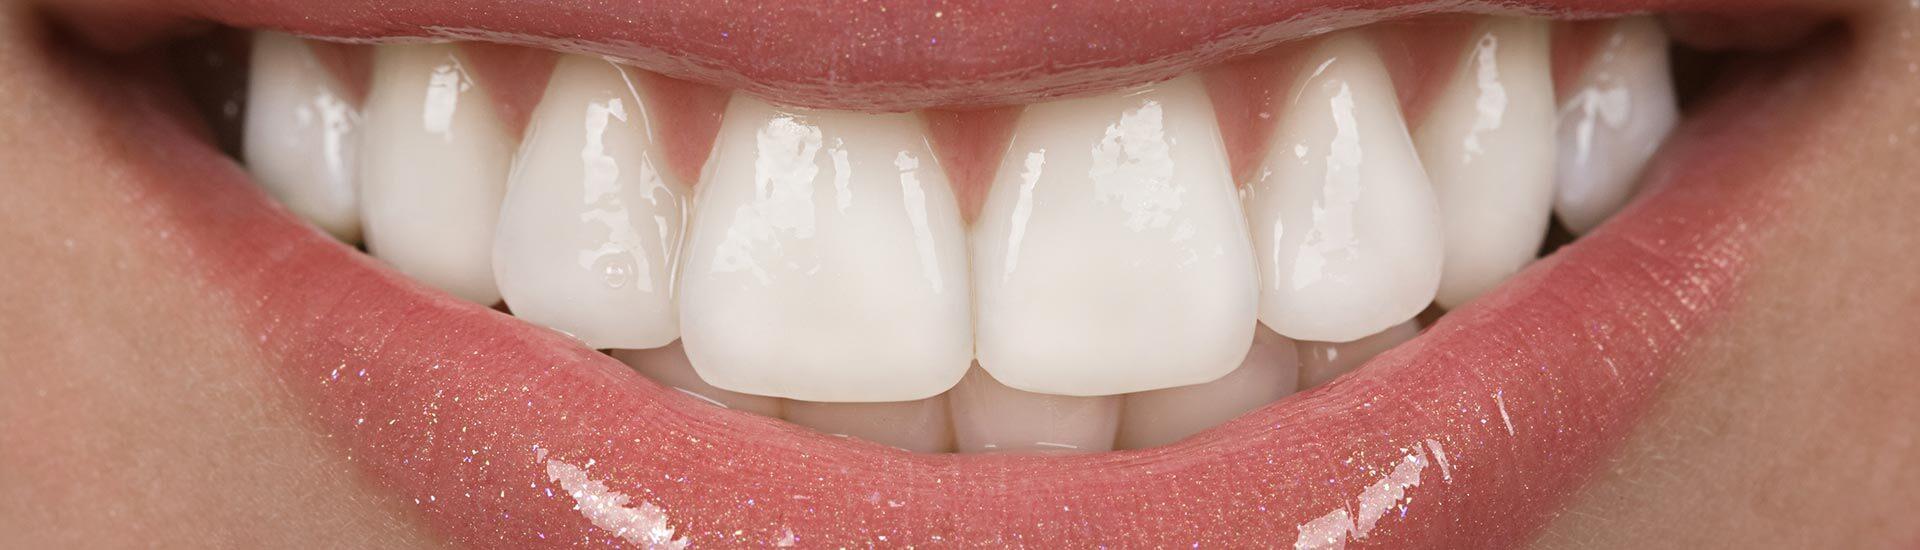 Things to Know When Choosing Cosmetic Dental Veneers